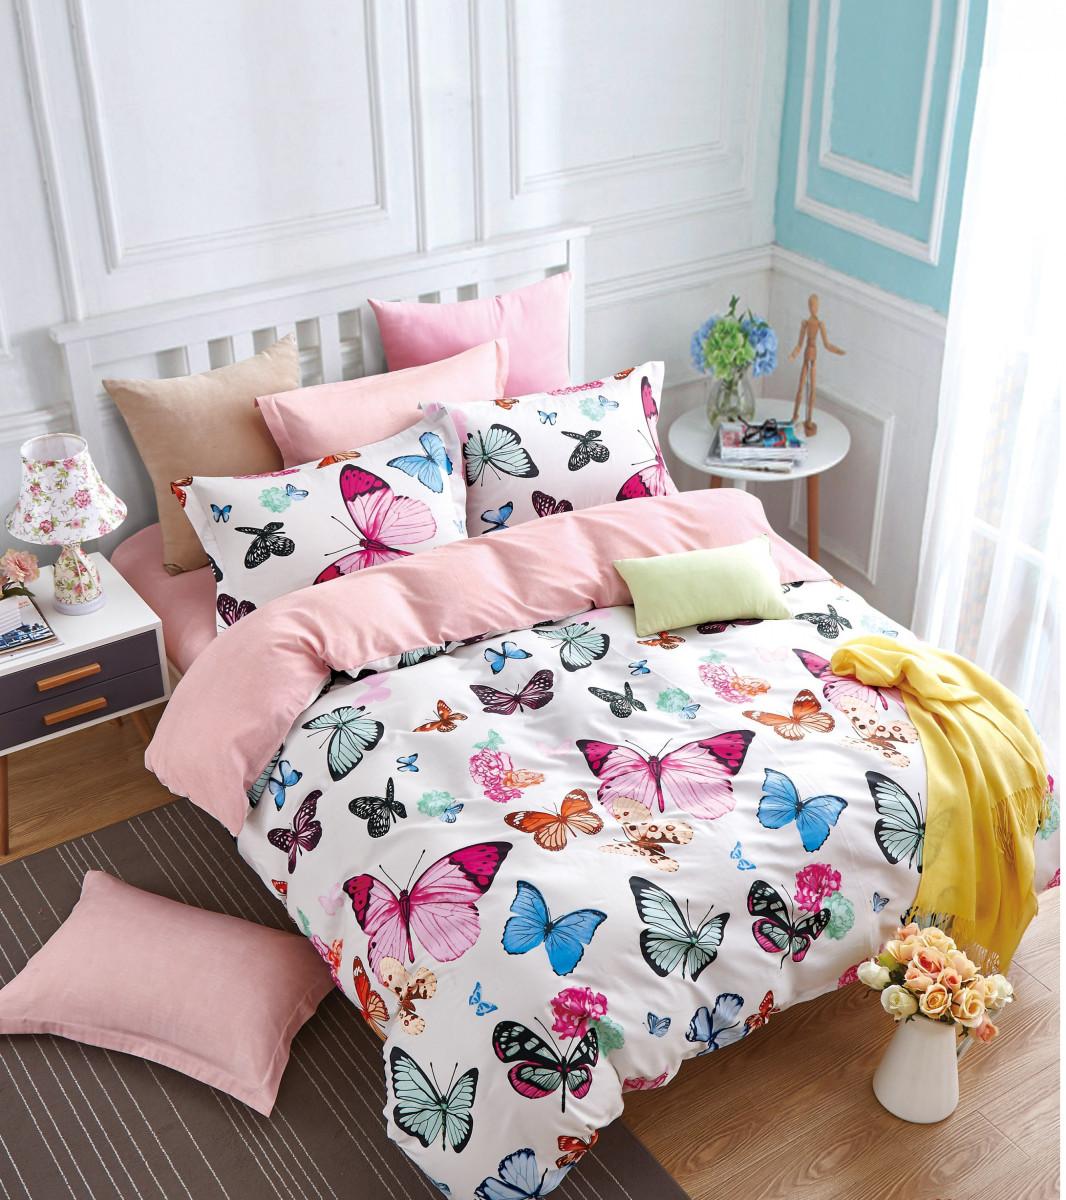 Купить Комплекты постельного белья Valtery, Постельное белье Gus (1, 5 спал.), Китай, Белый, Розовый, Хлопковый сатин